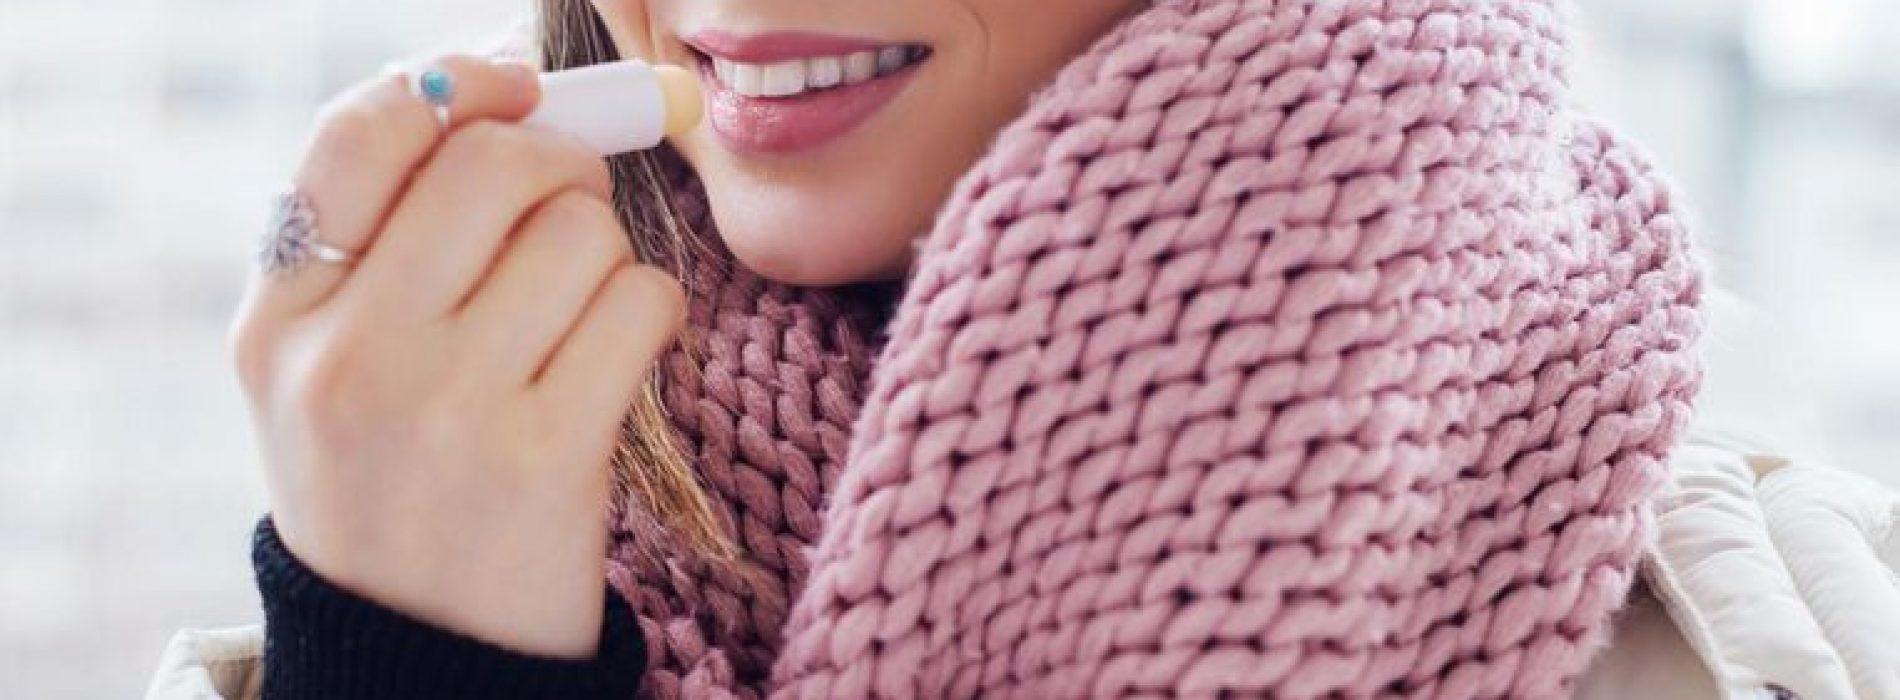 Test-Aankoop waarschuwt voor lippenbalsem